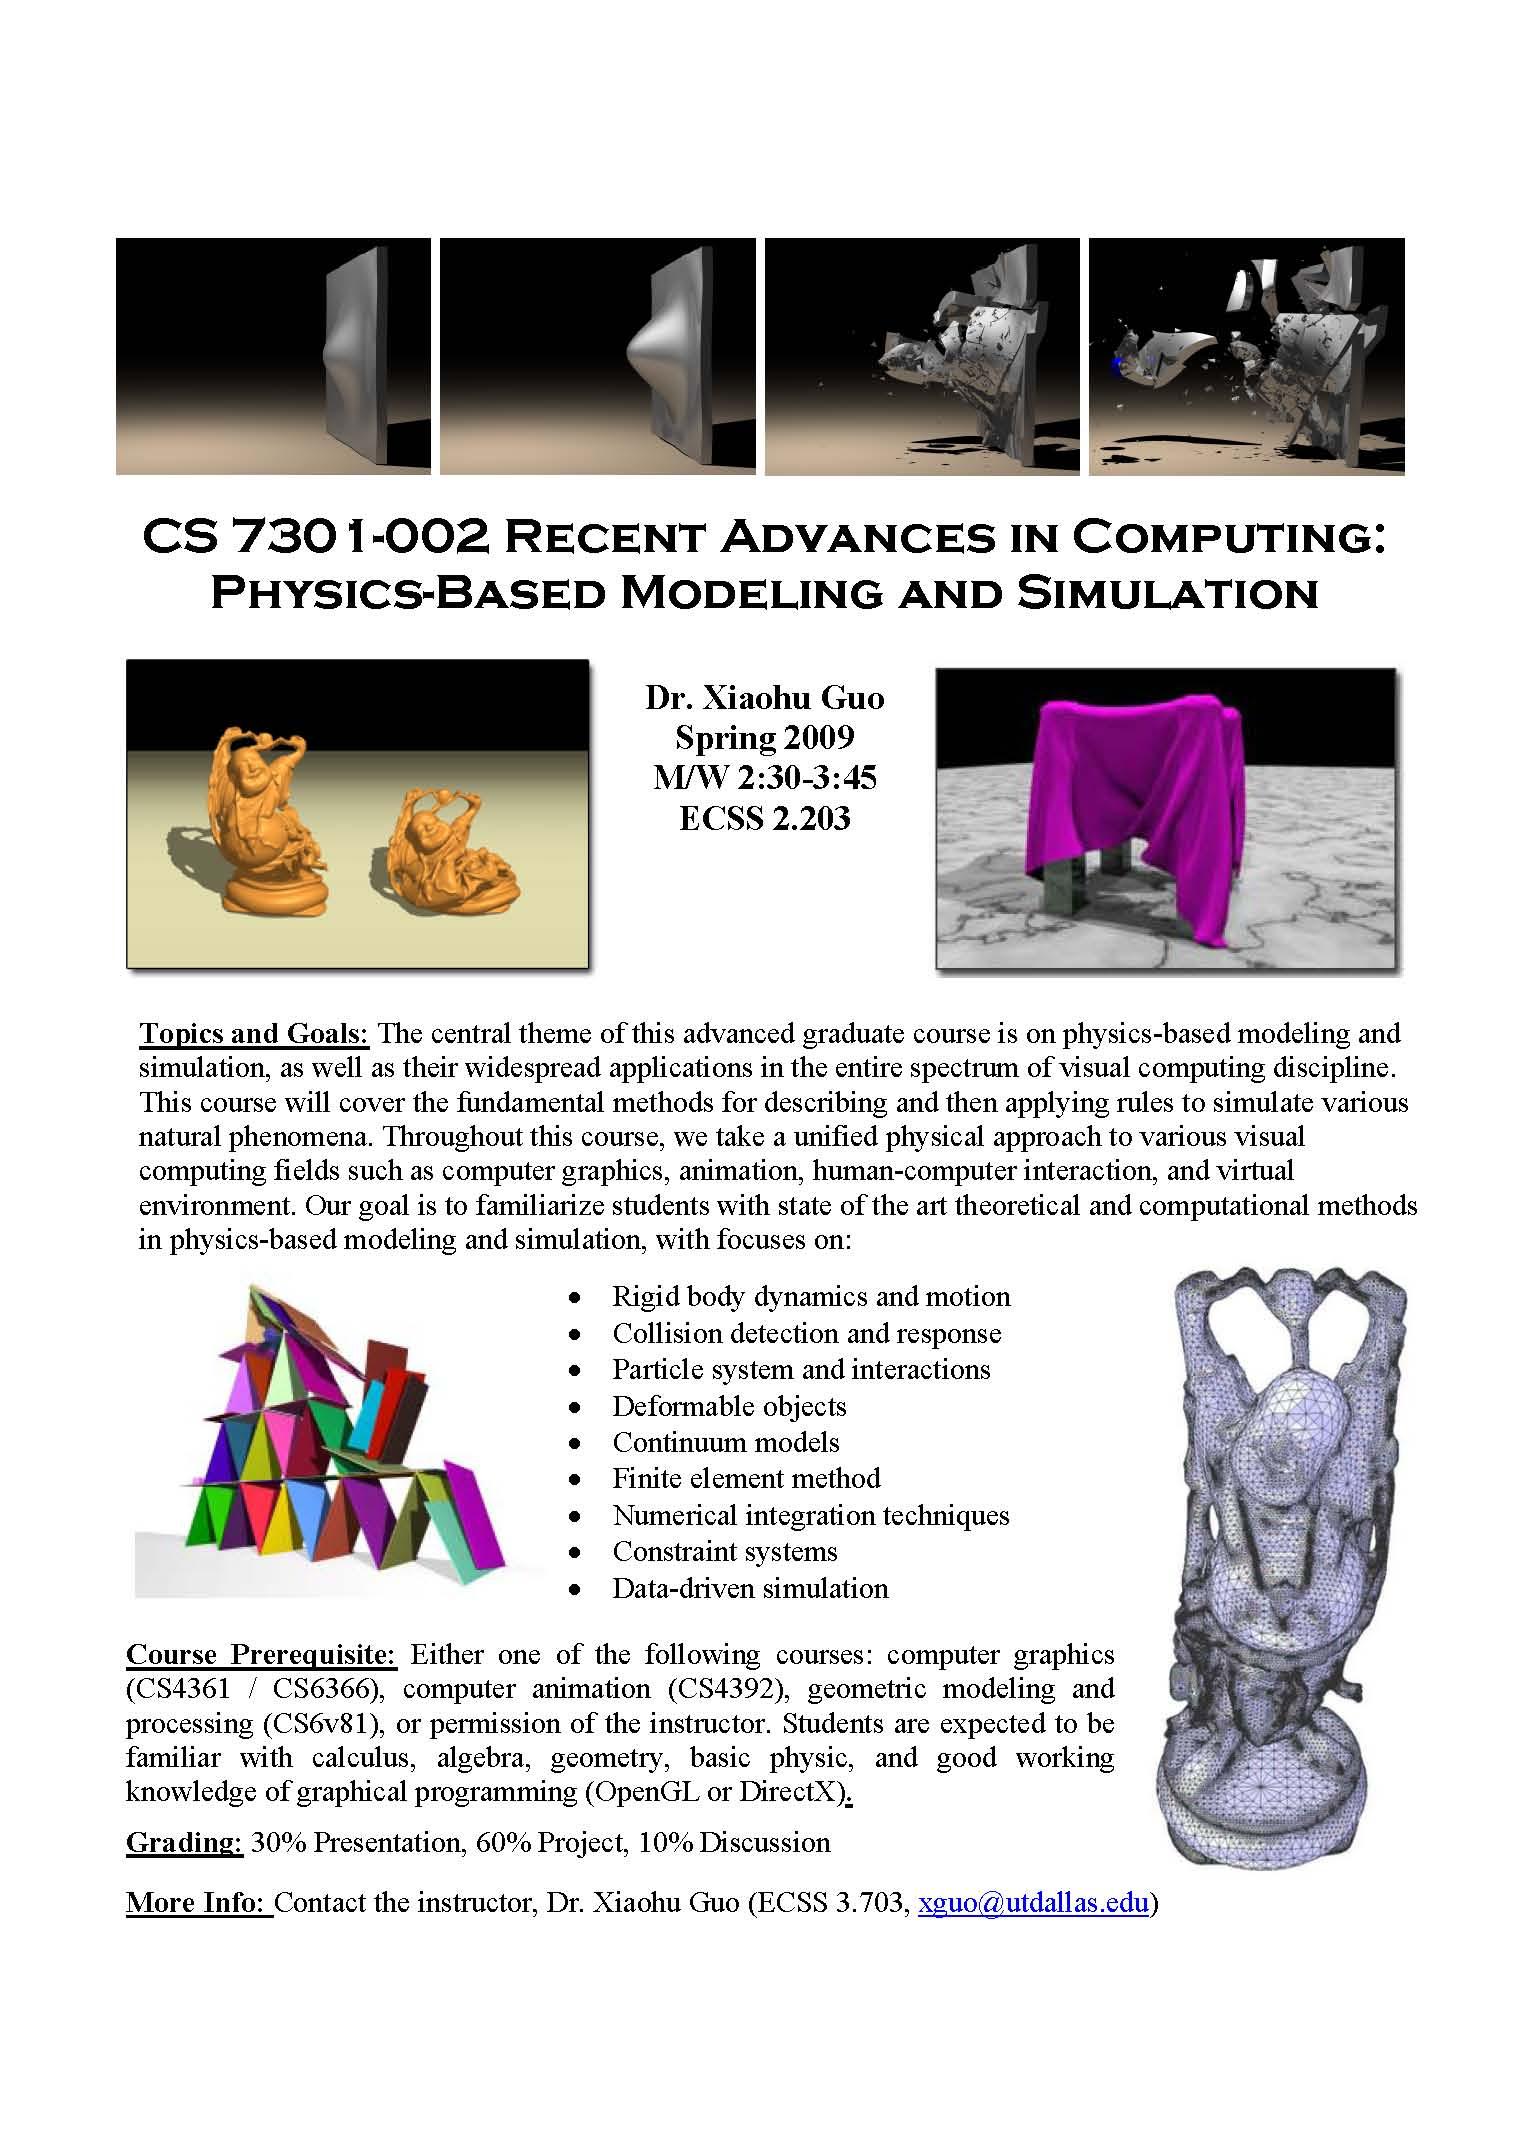 CS7301-002 Physics-Based Modeling and Simulation